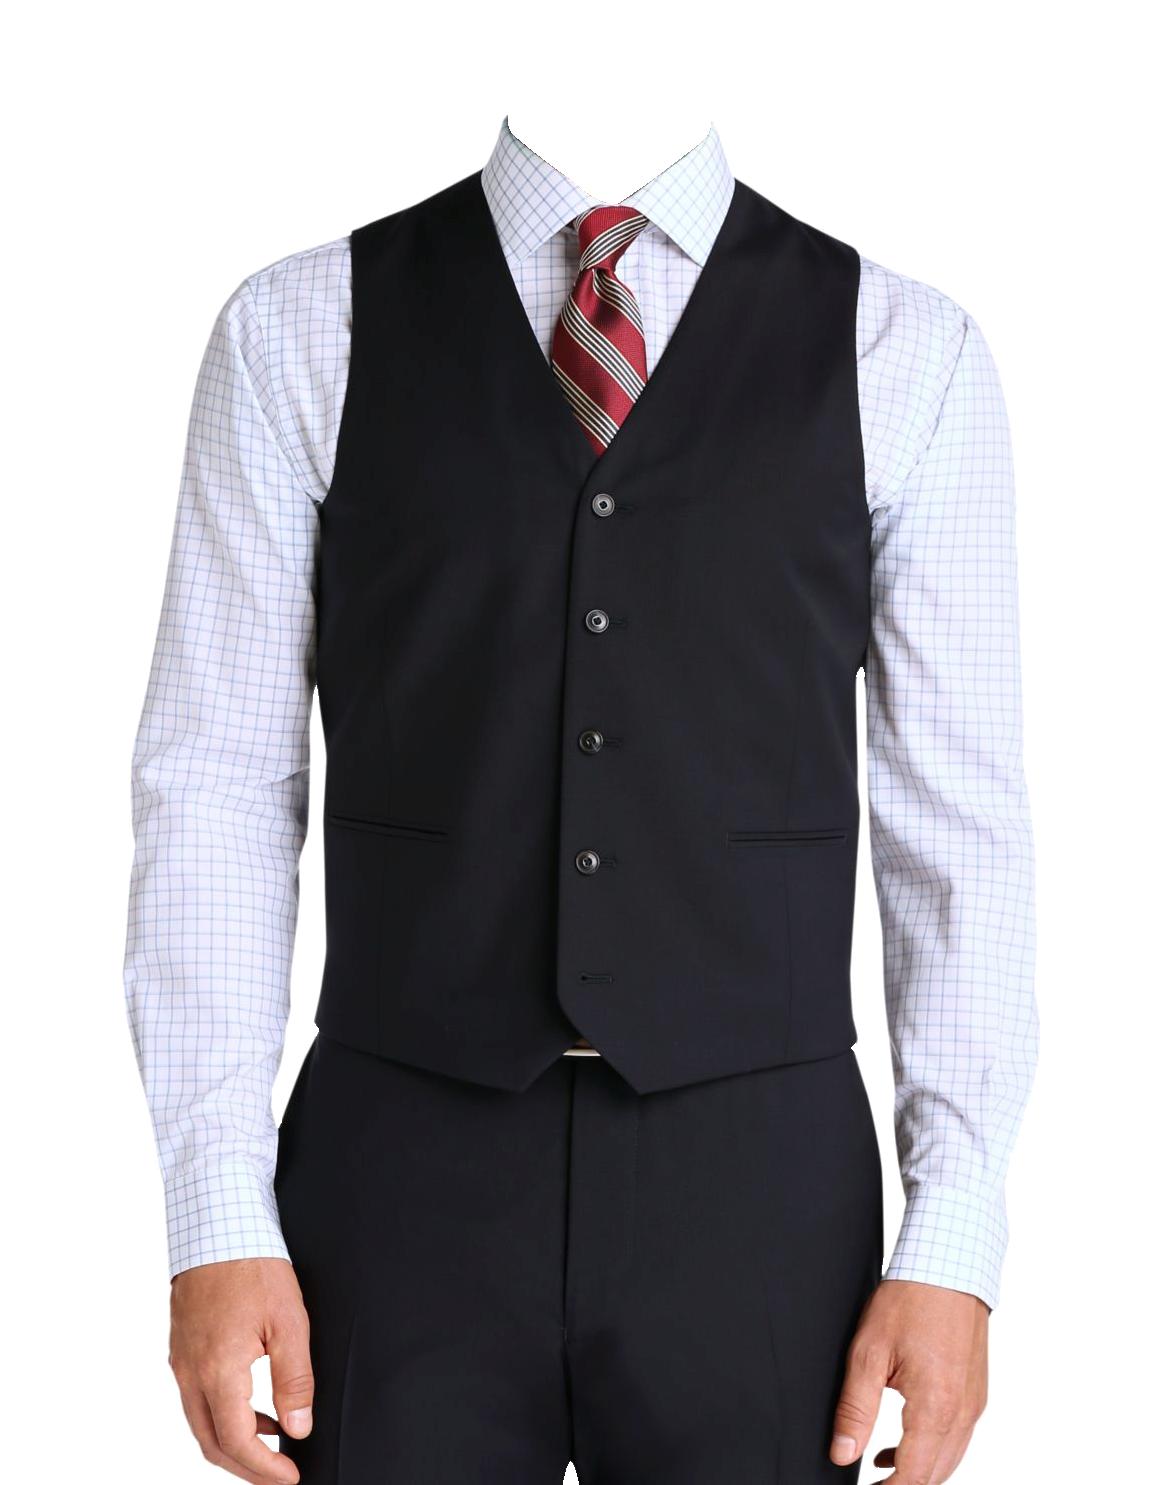 Suit HD PNG - 137359